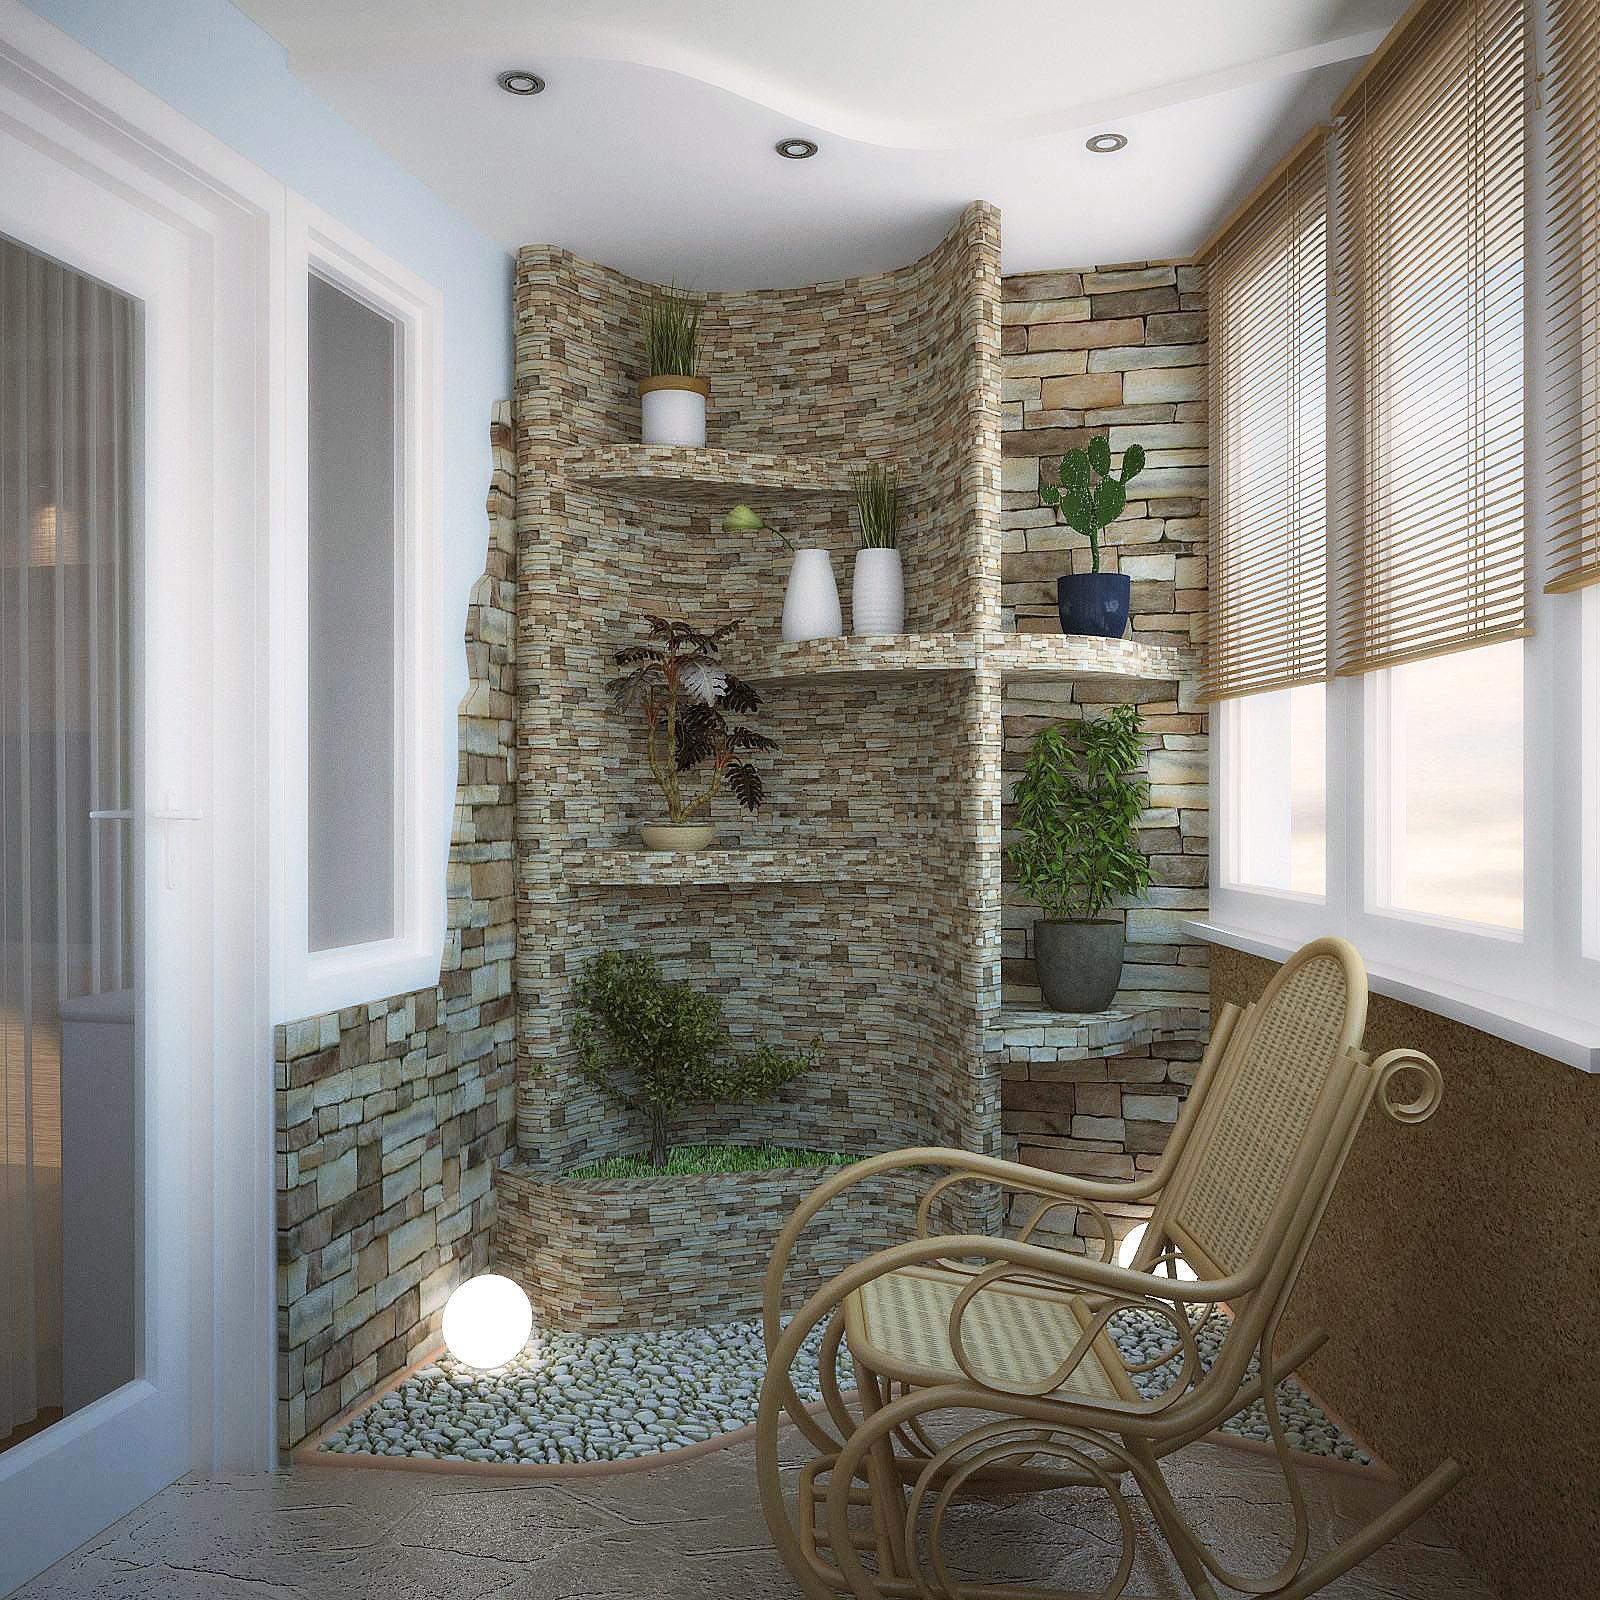 Балконы отделка искусственным камнем интересные идеи фото..